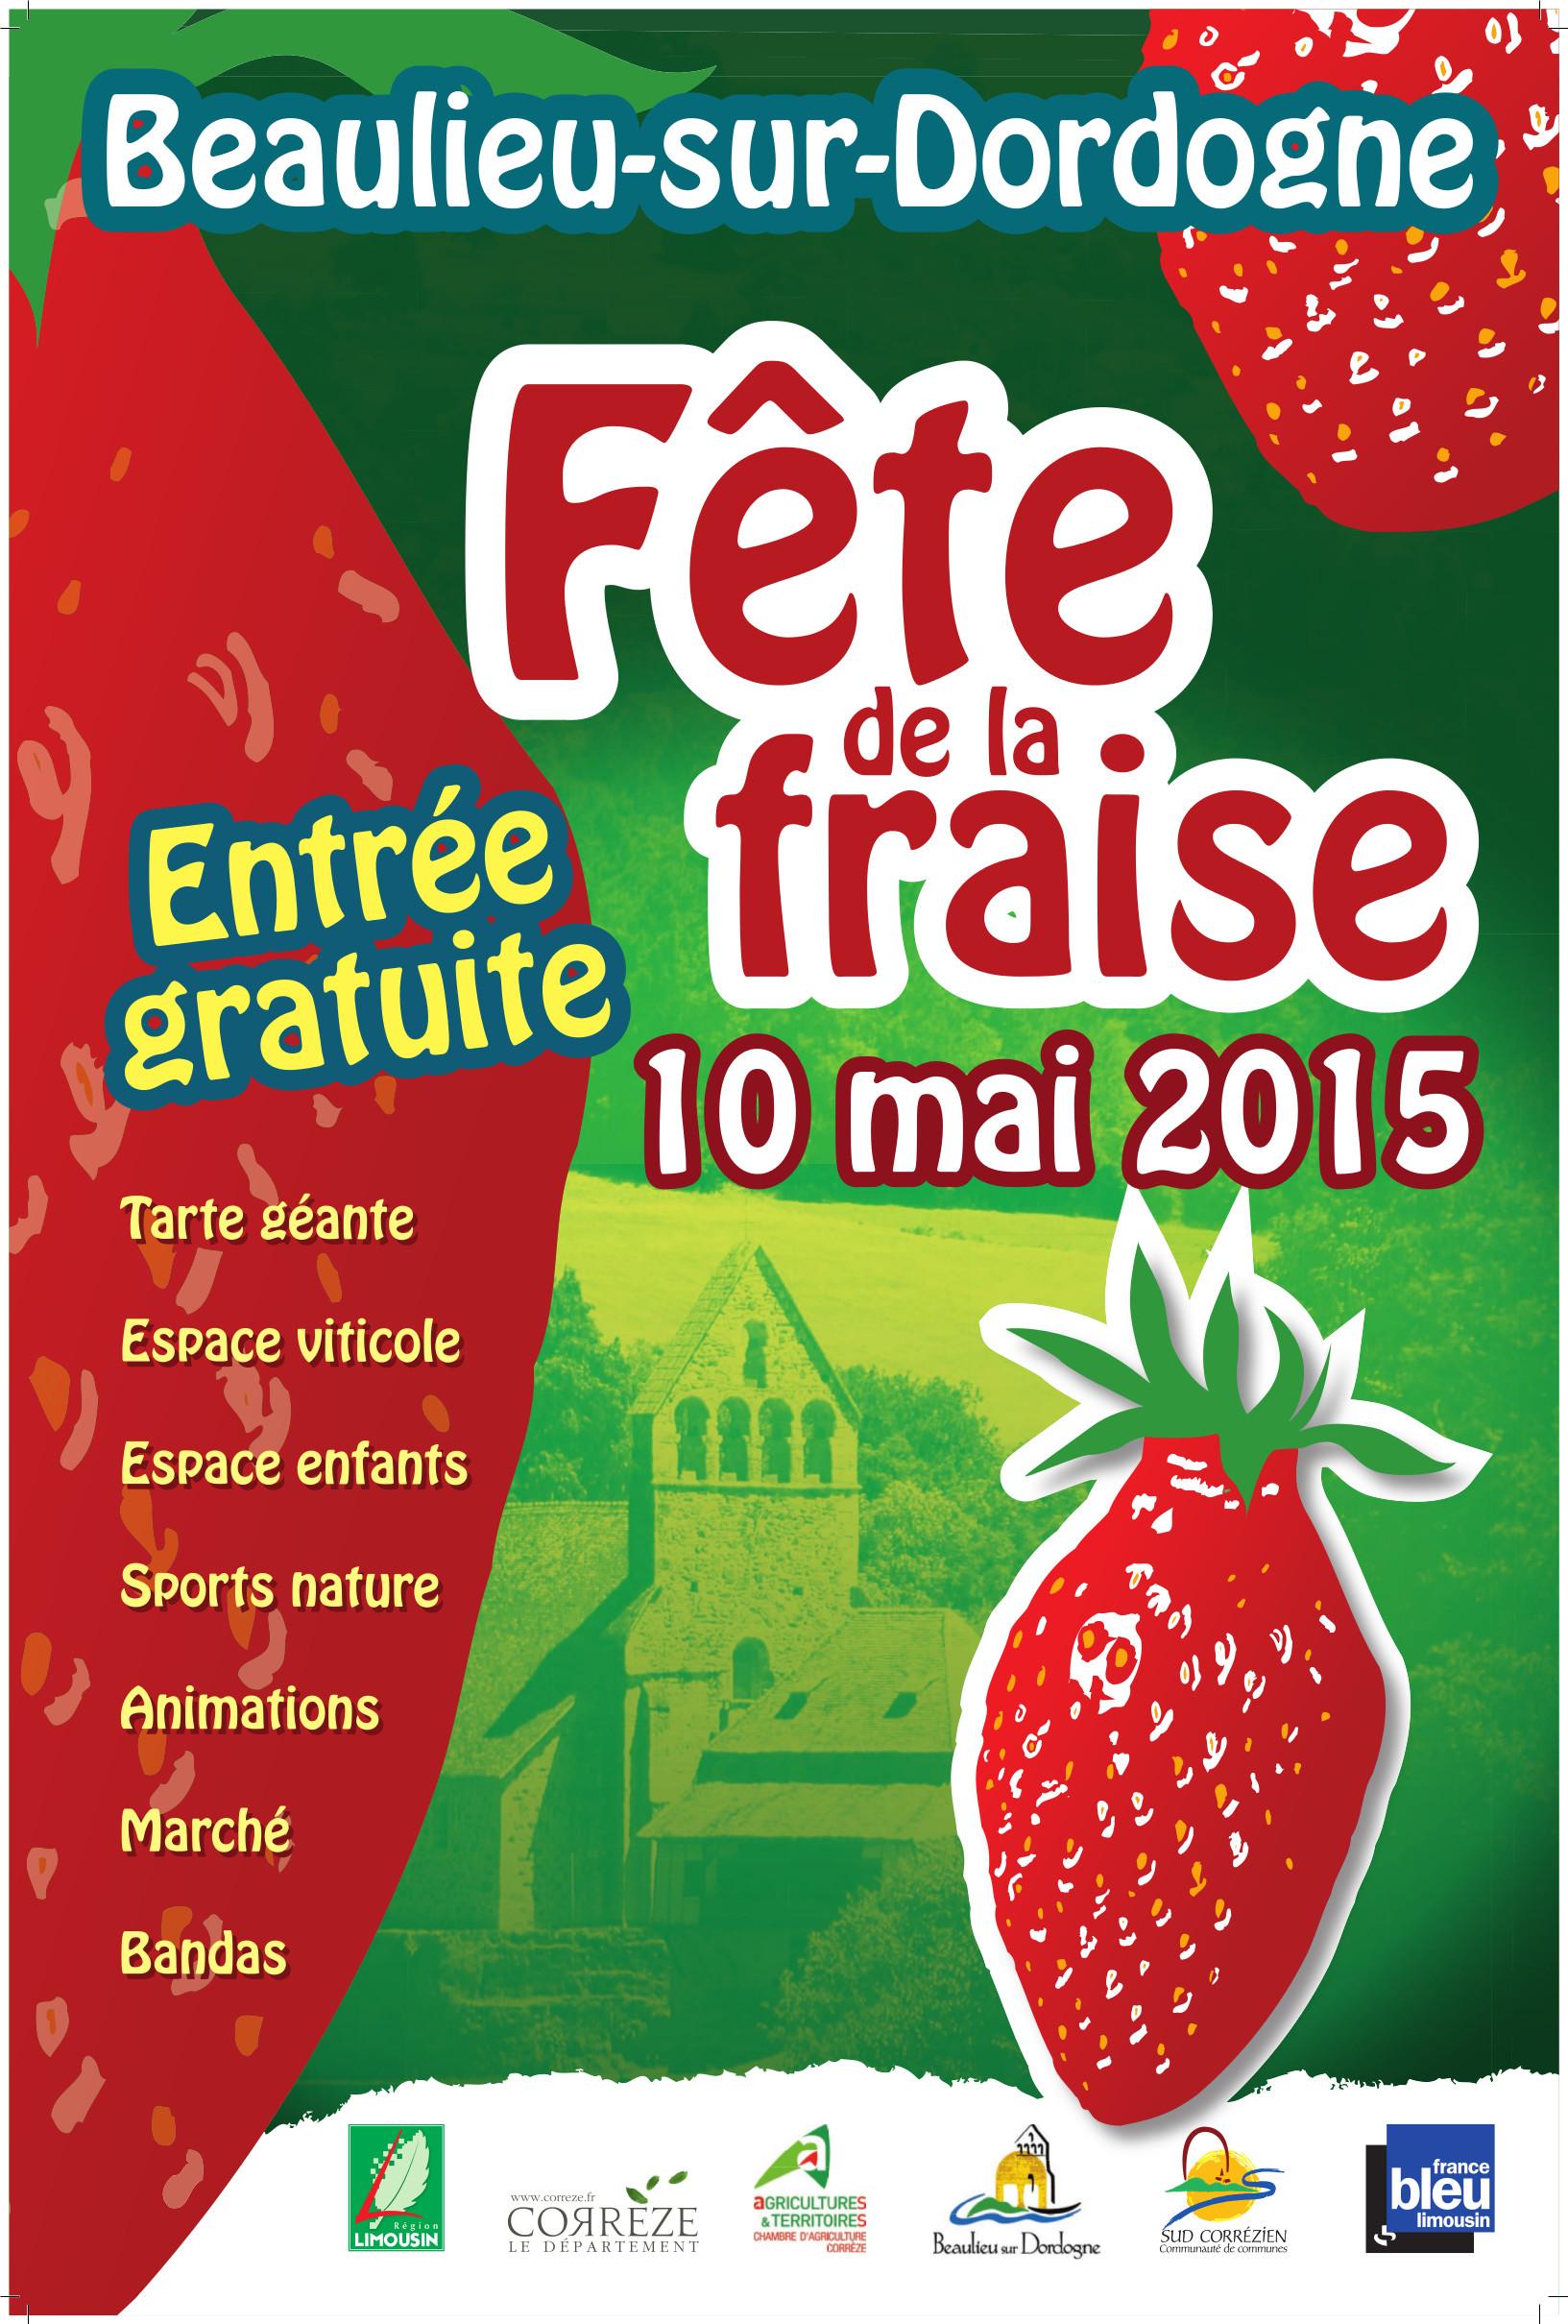 http://fete-fraise.blogspot.fr/